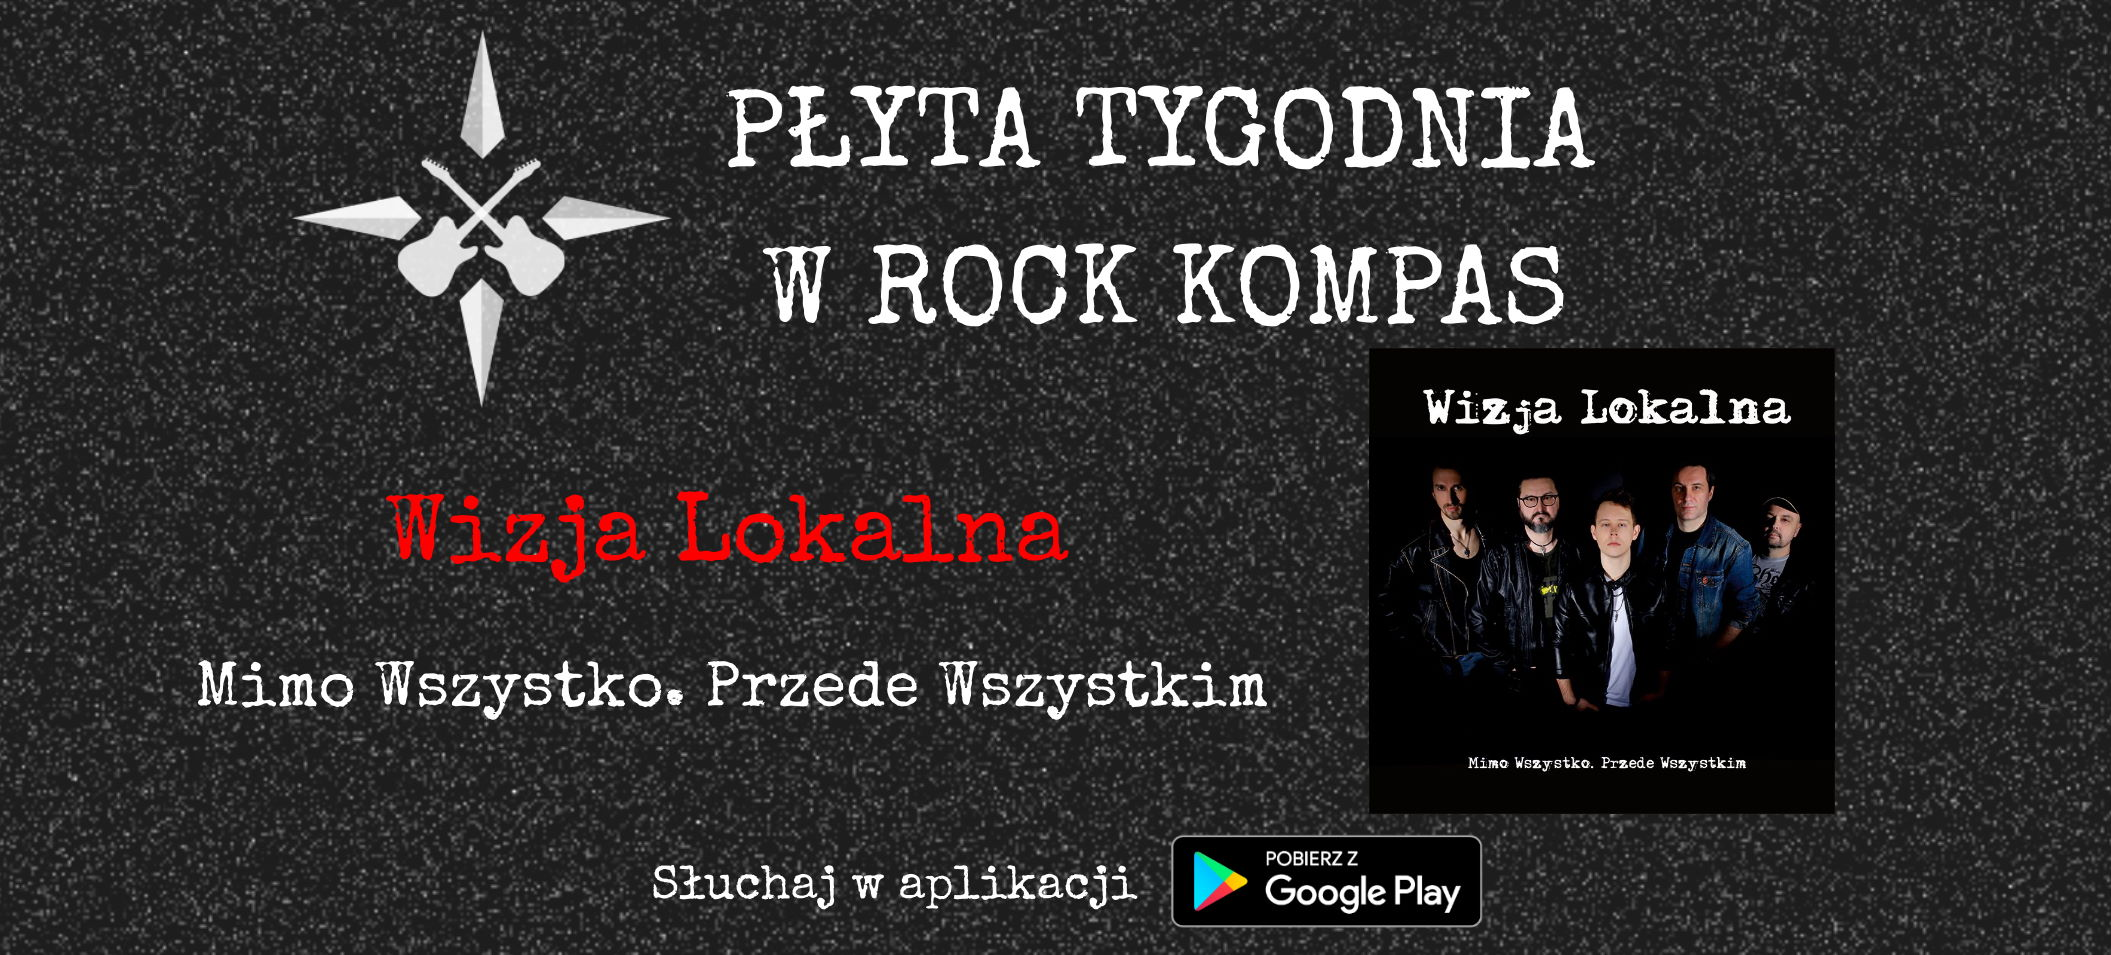 Płyta tygodnia w Rock Kompas: Wizja Lokalna - Mimo Wszystko. Przede Wszystkim